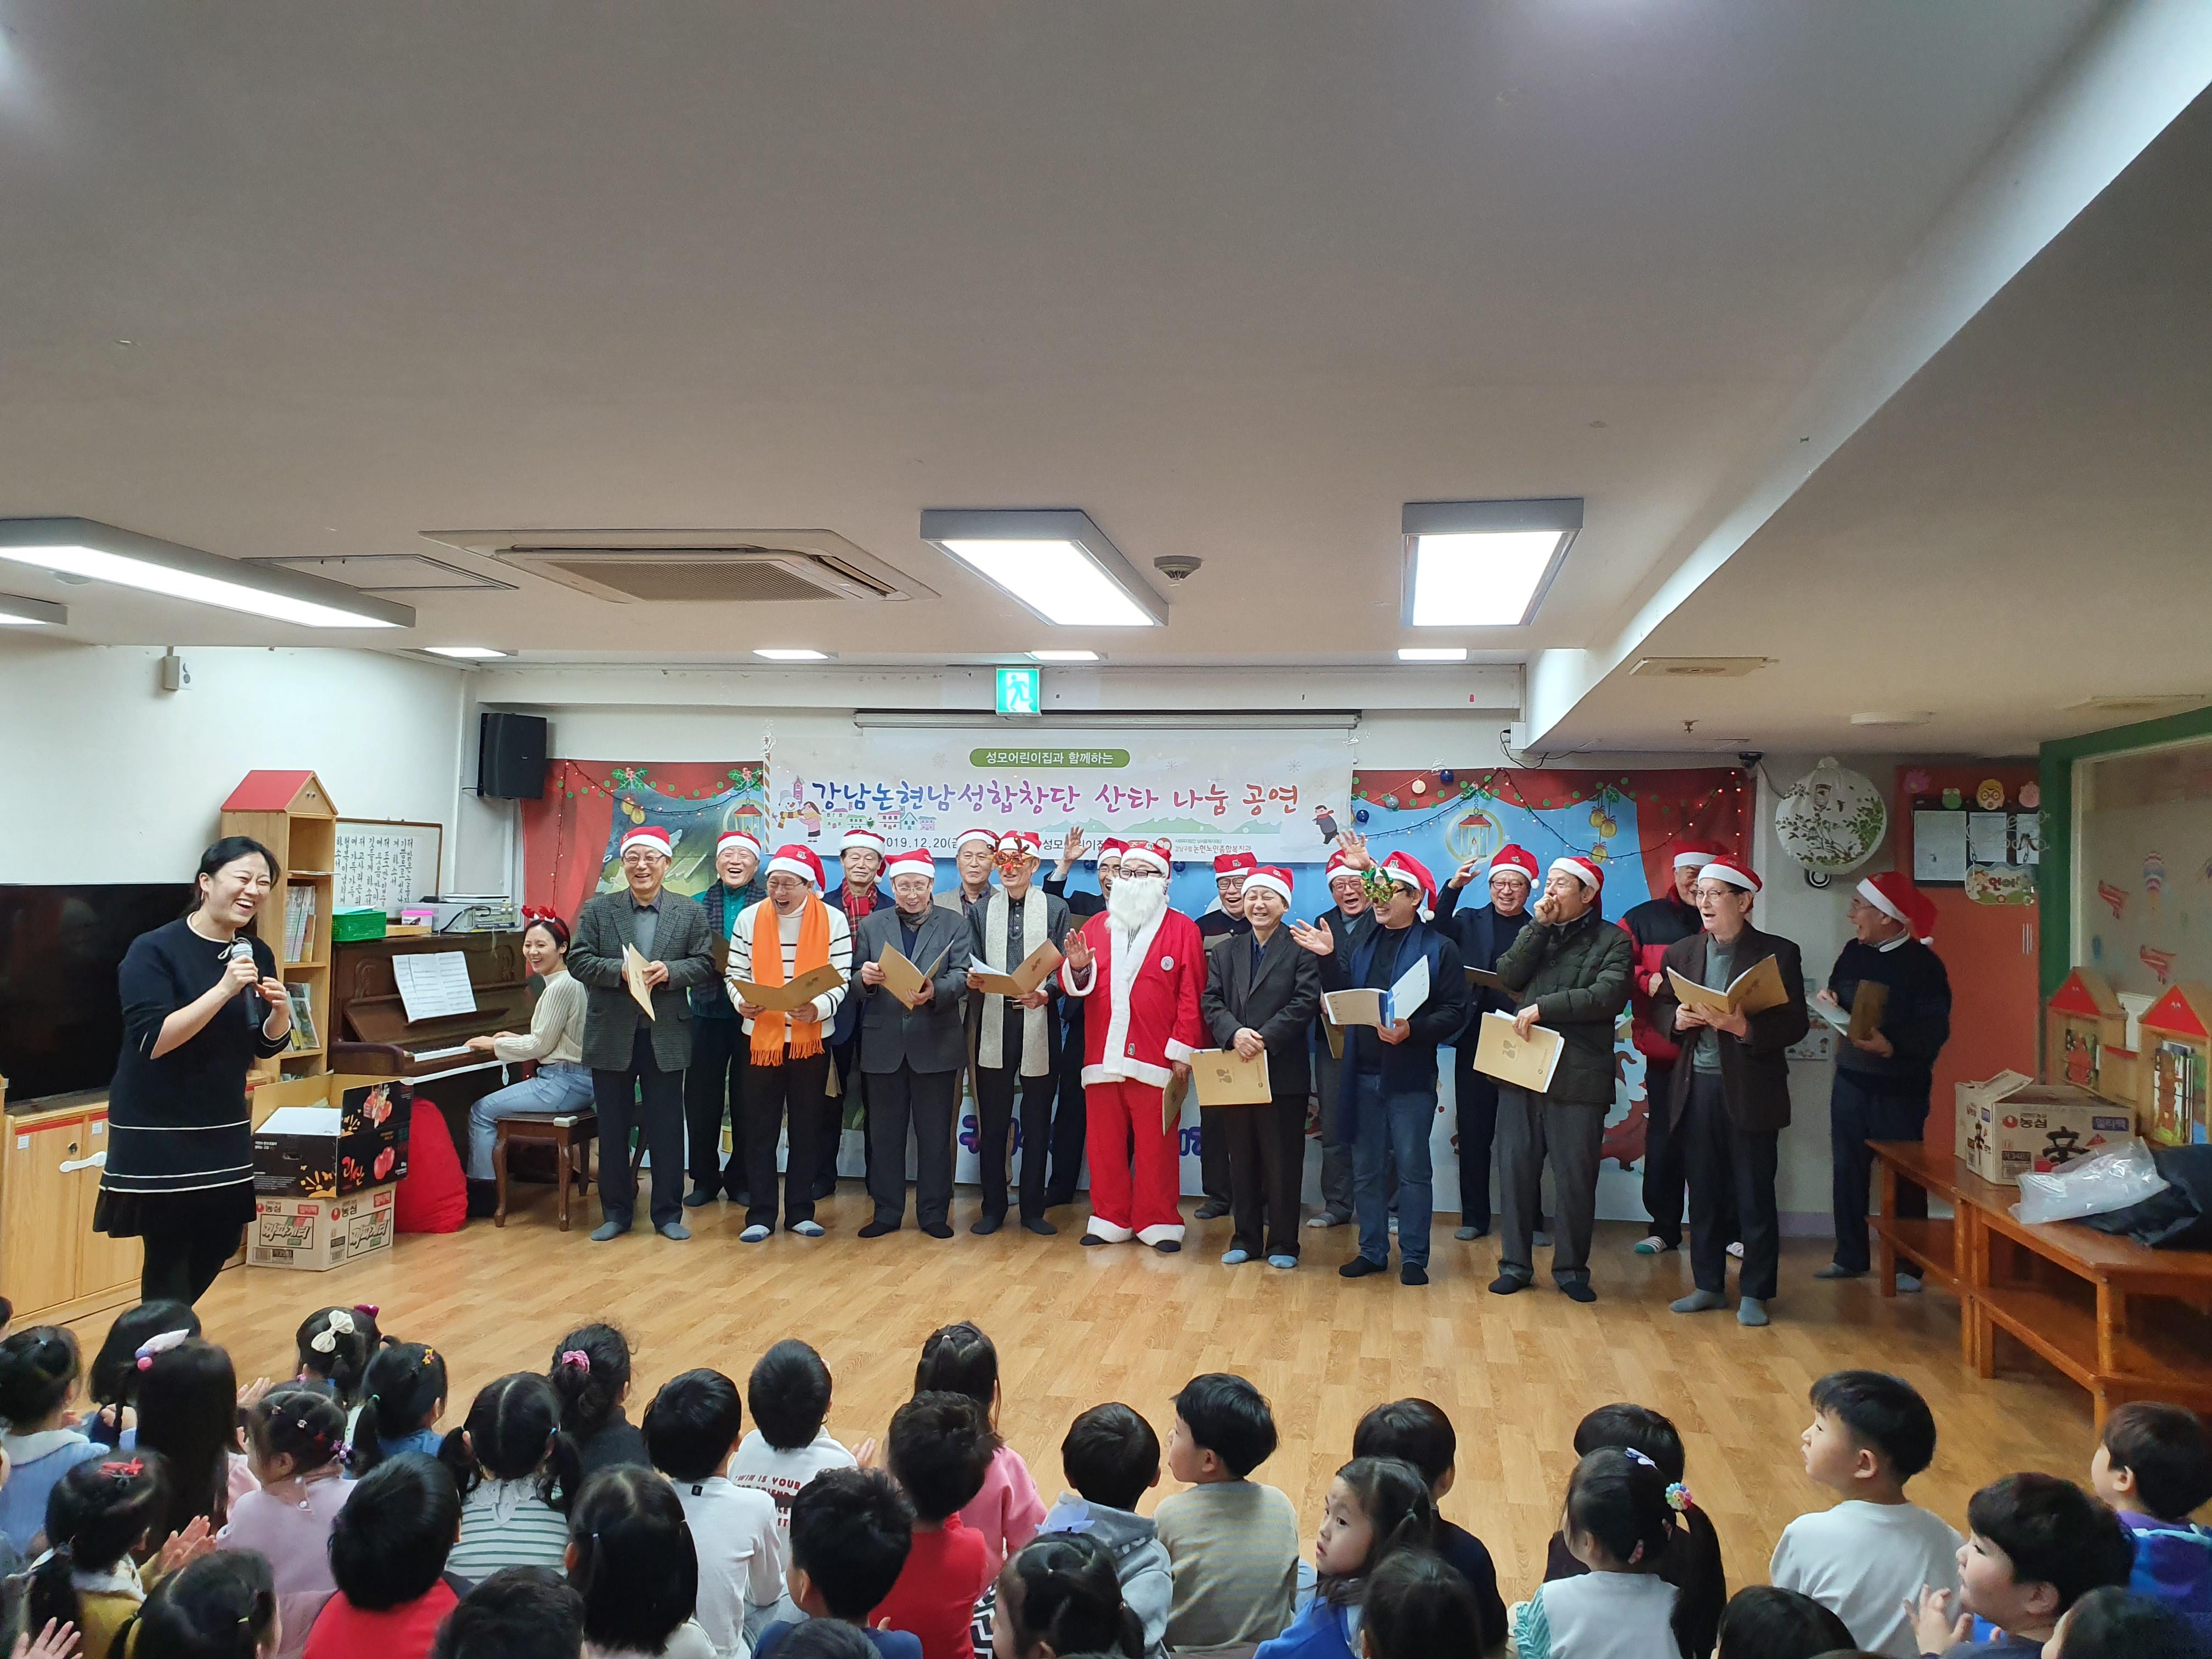 [평생교육사업] 강남논현남성합창단 성탄 맞이 산타 나눔 공연 결과 게시